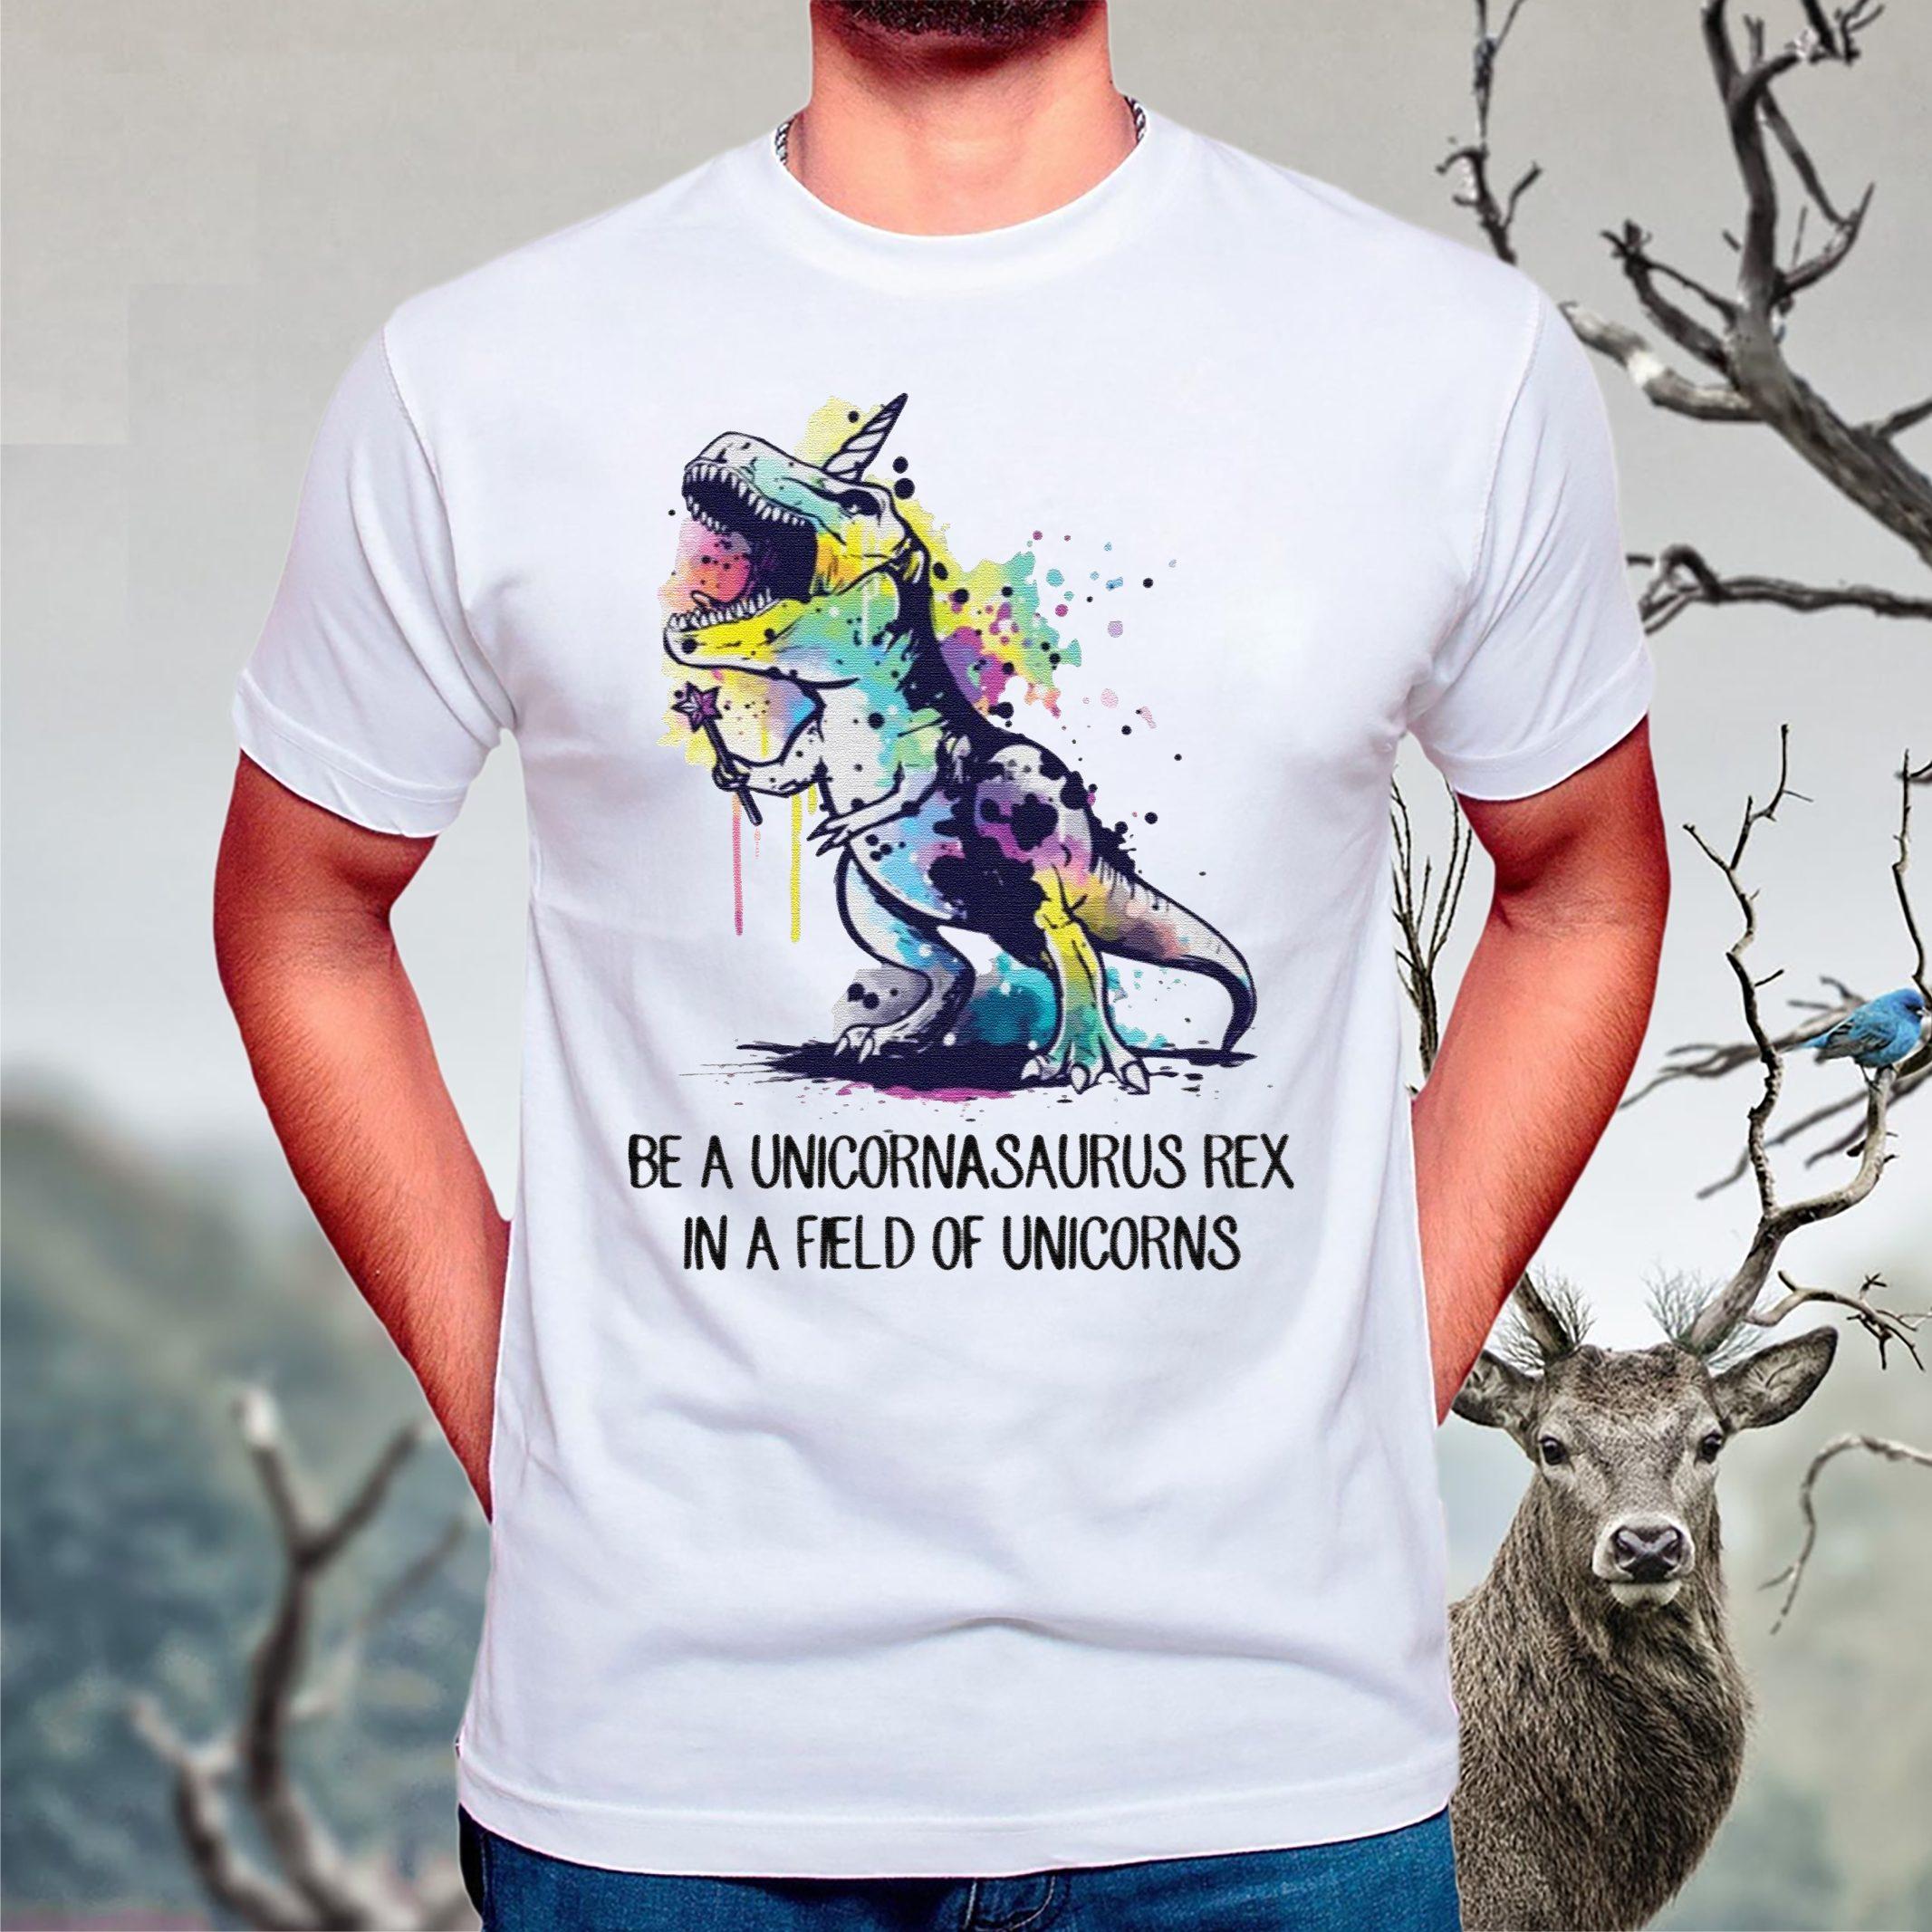 Be a Unicornasaurus Rex tshirt